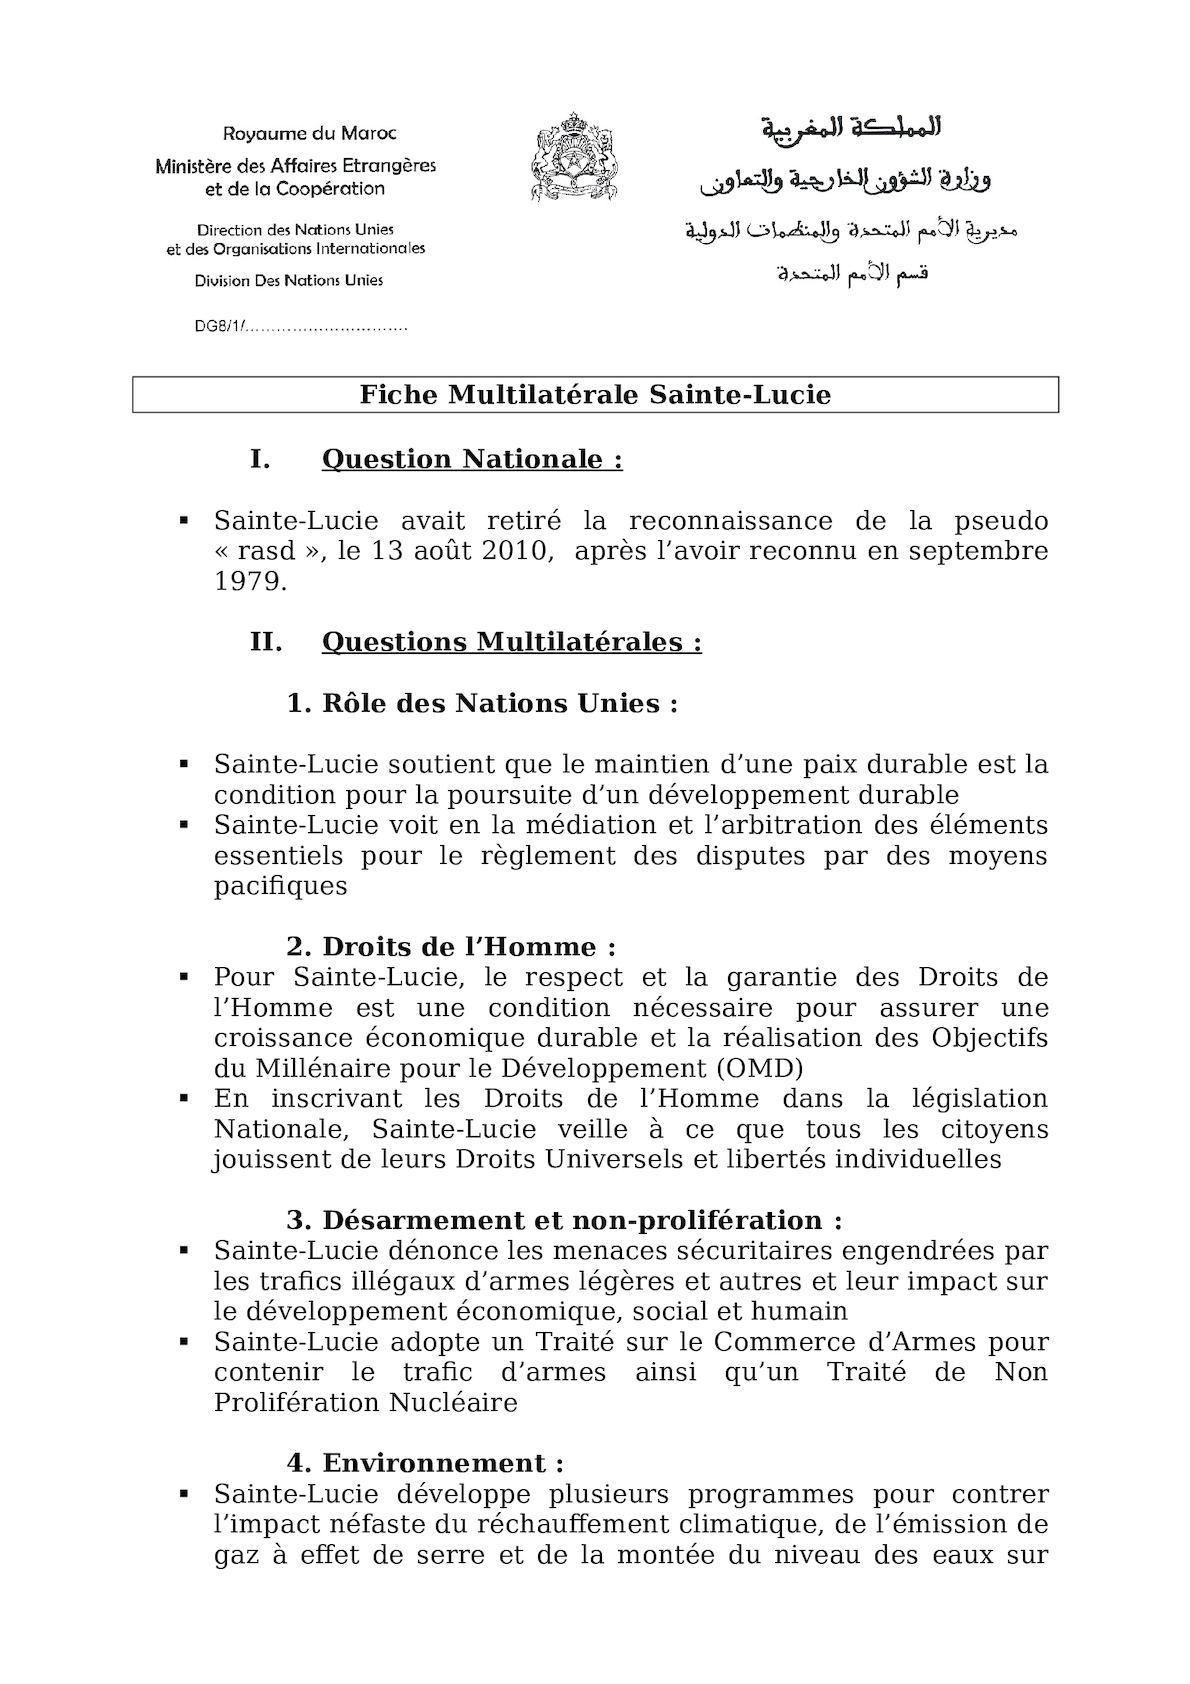 Fiche Multilatérale Sainte Lucie